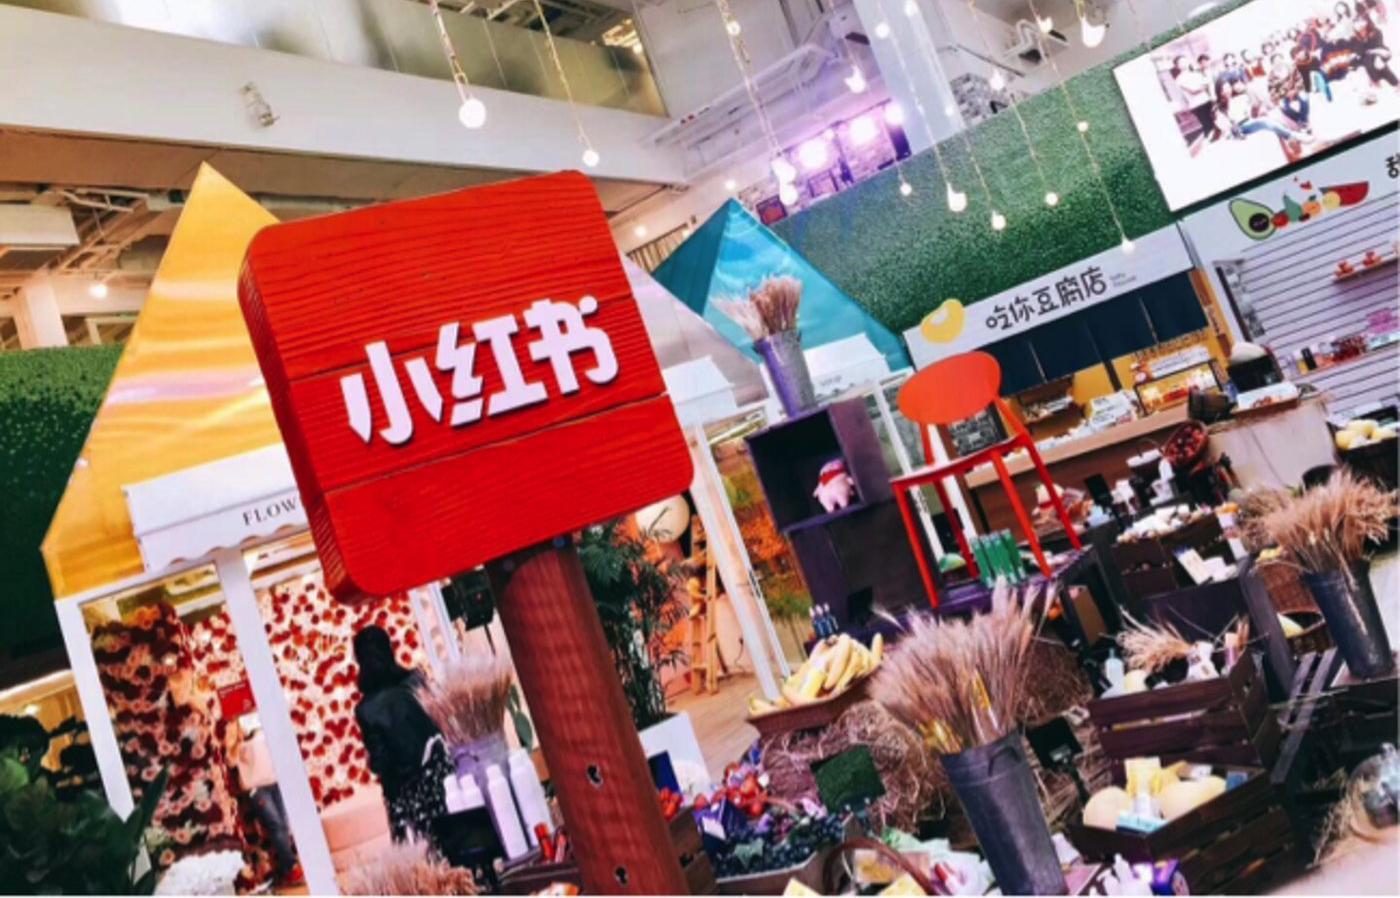 小红书创始人瞿芳回应清洗KOL:不会以广告抽佣作为盈利手段 imeee.net